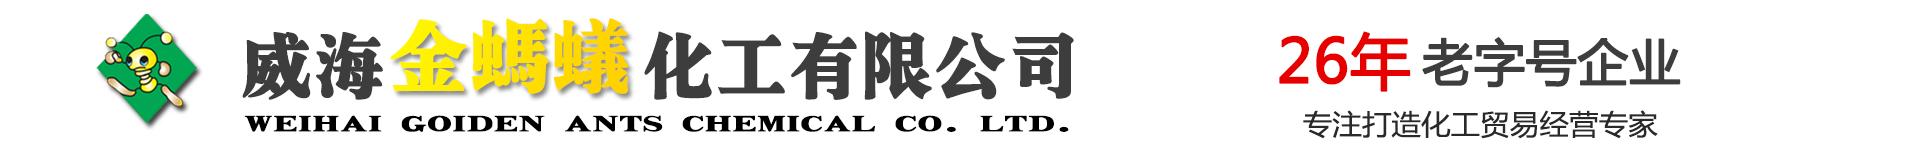 威海金蚂蚁化工有限公司